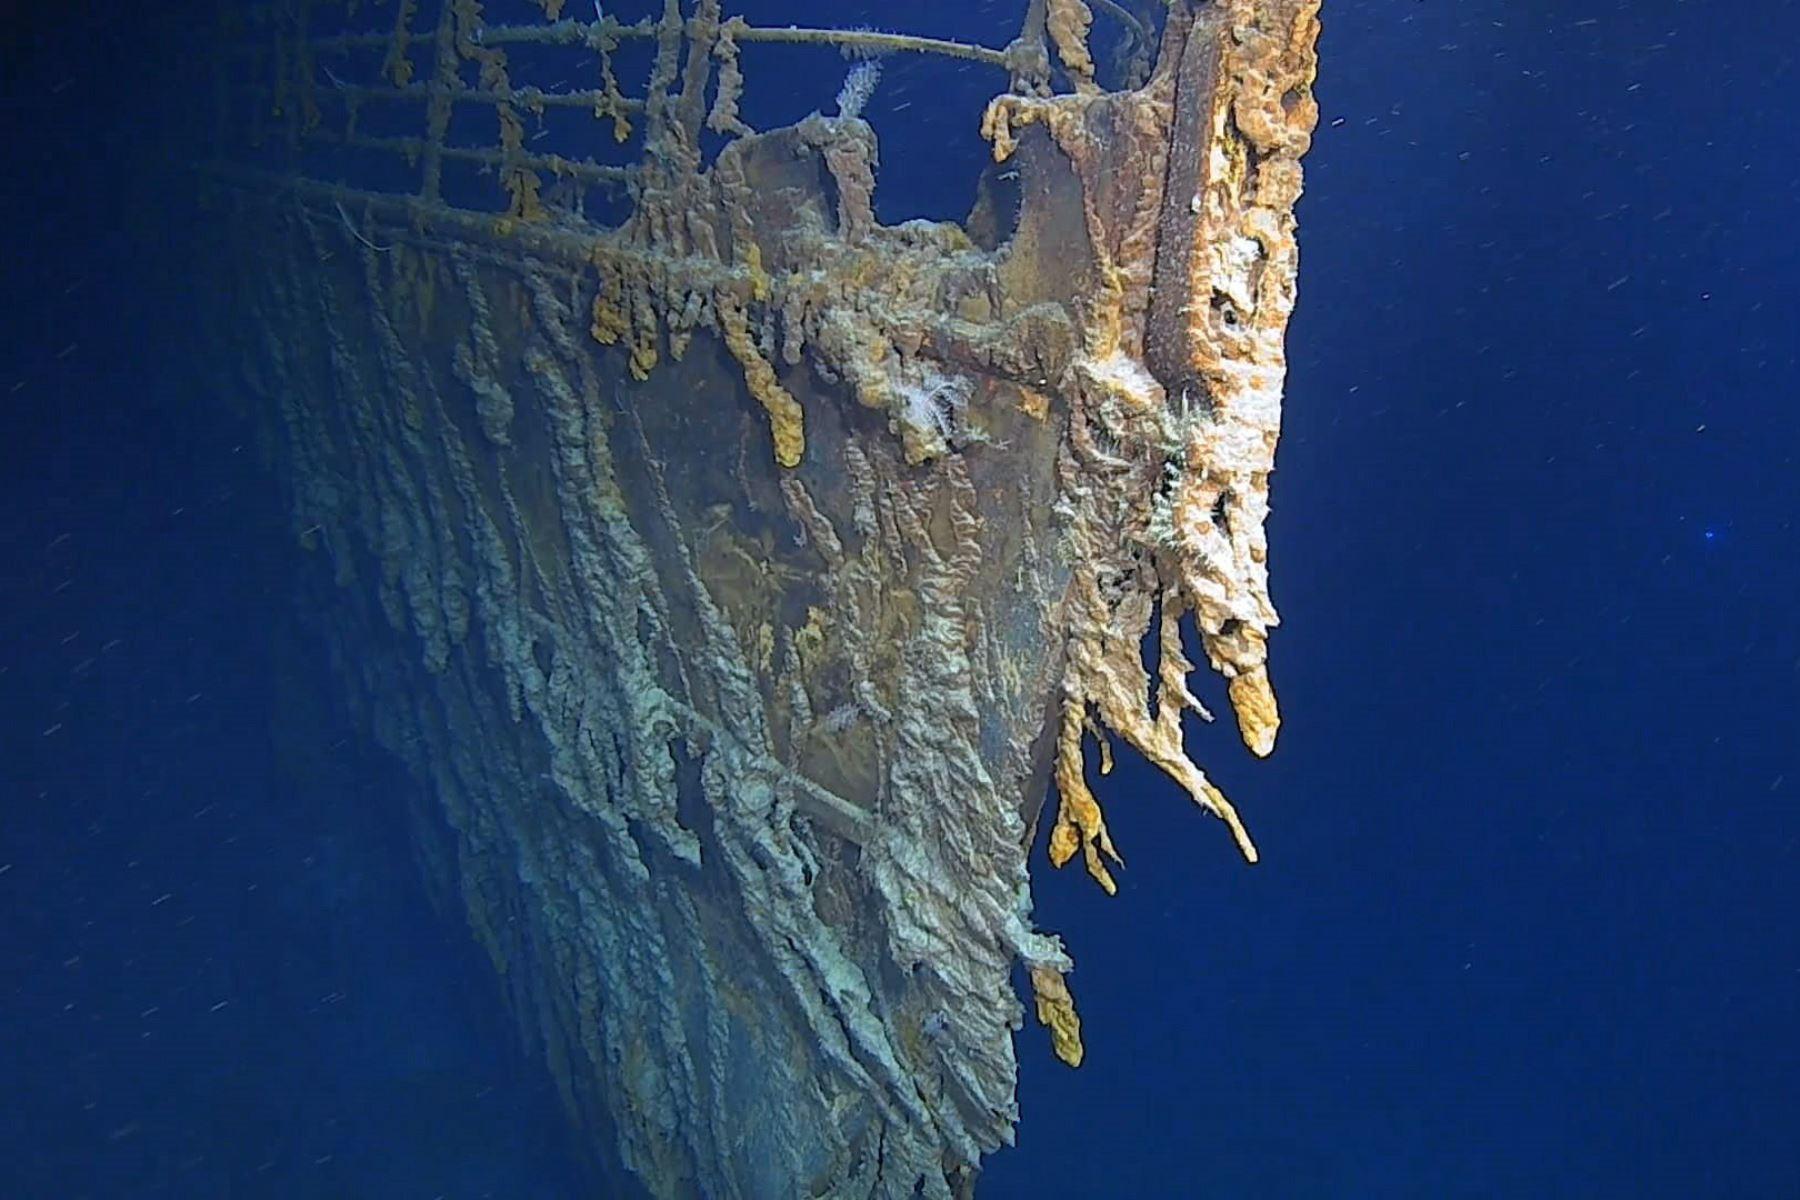 Atlantic, 22/08 / 2019.- Una foto de folleto sin fecha puesta a disposición por Atlantic Productions el 22 de agosto de 2019 muestra la proa del barco Titanic, así como los rustículos desprendidos debajo del ancla de babor del RMS Titanic, fuera del costa de Terranova, Canadá, en el Atlántico (emitido el 22 de agosto de 2019). EFE